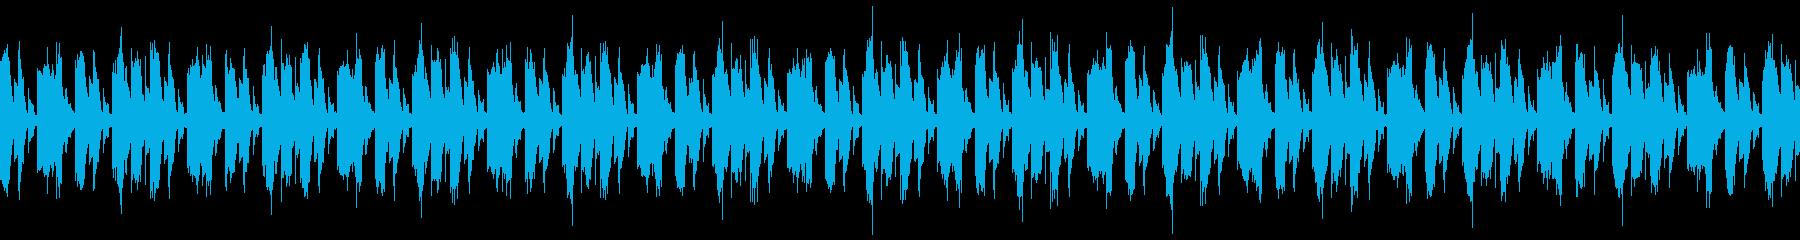 EDM系のLoop楽曲の再生済みの波形